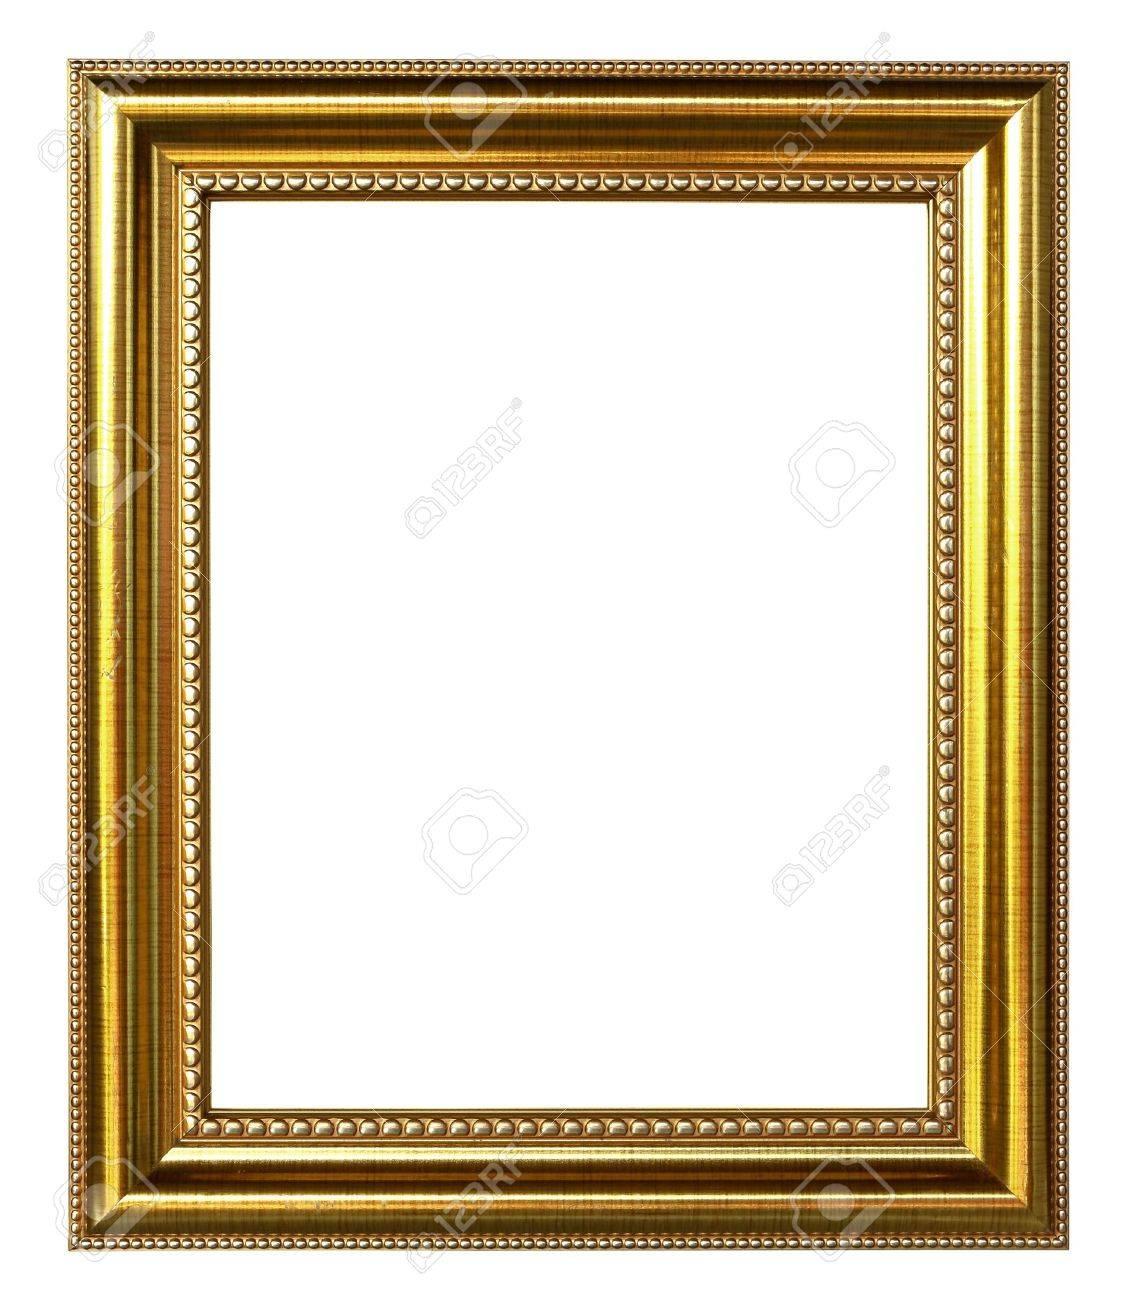 Goldenen Bilderrahmen Auf Weißem Hintergrund Lizenzfreie Fotos ...